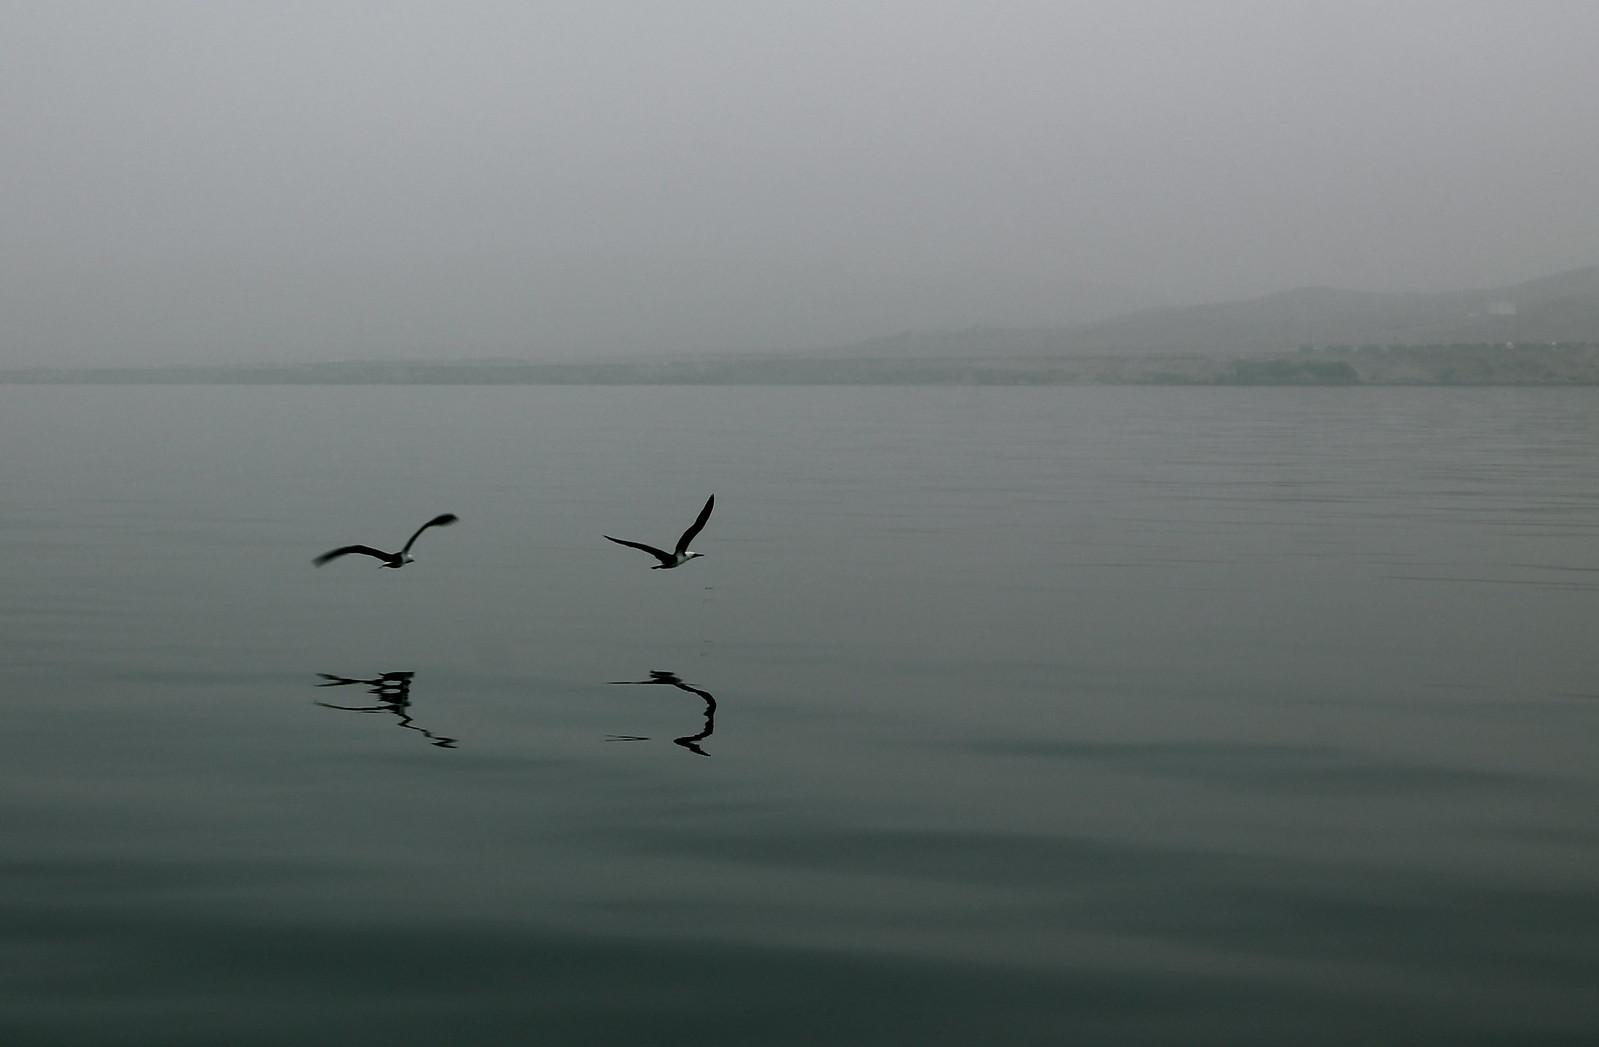 BirdsReflection